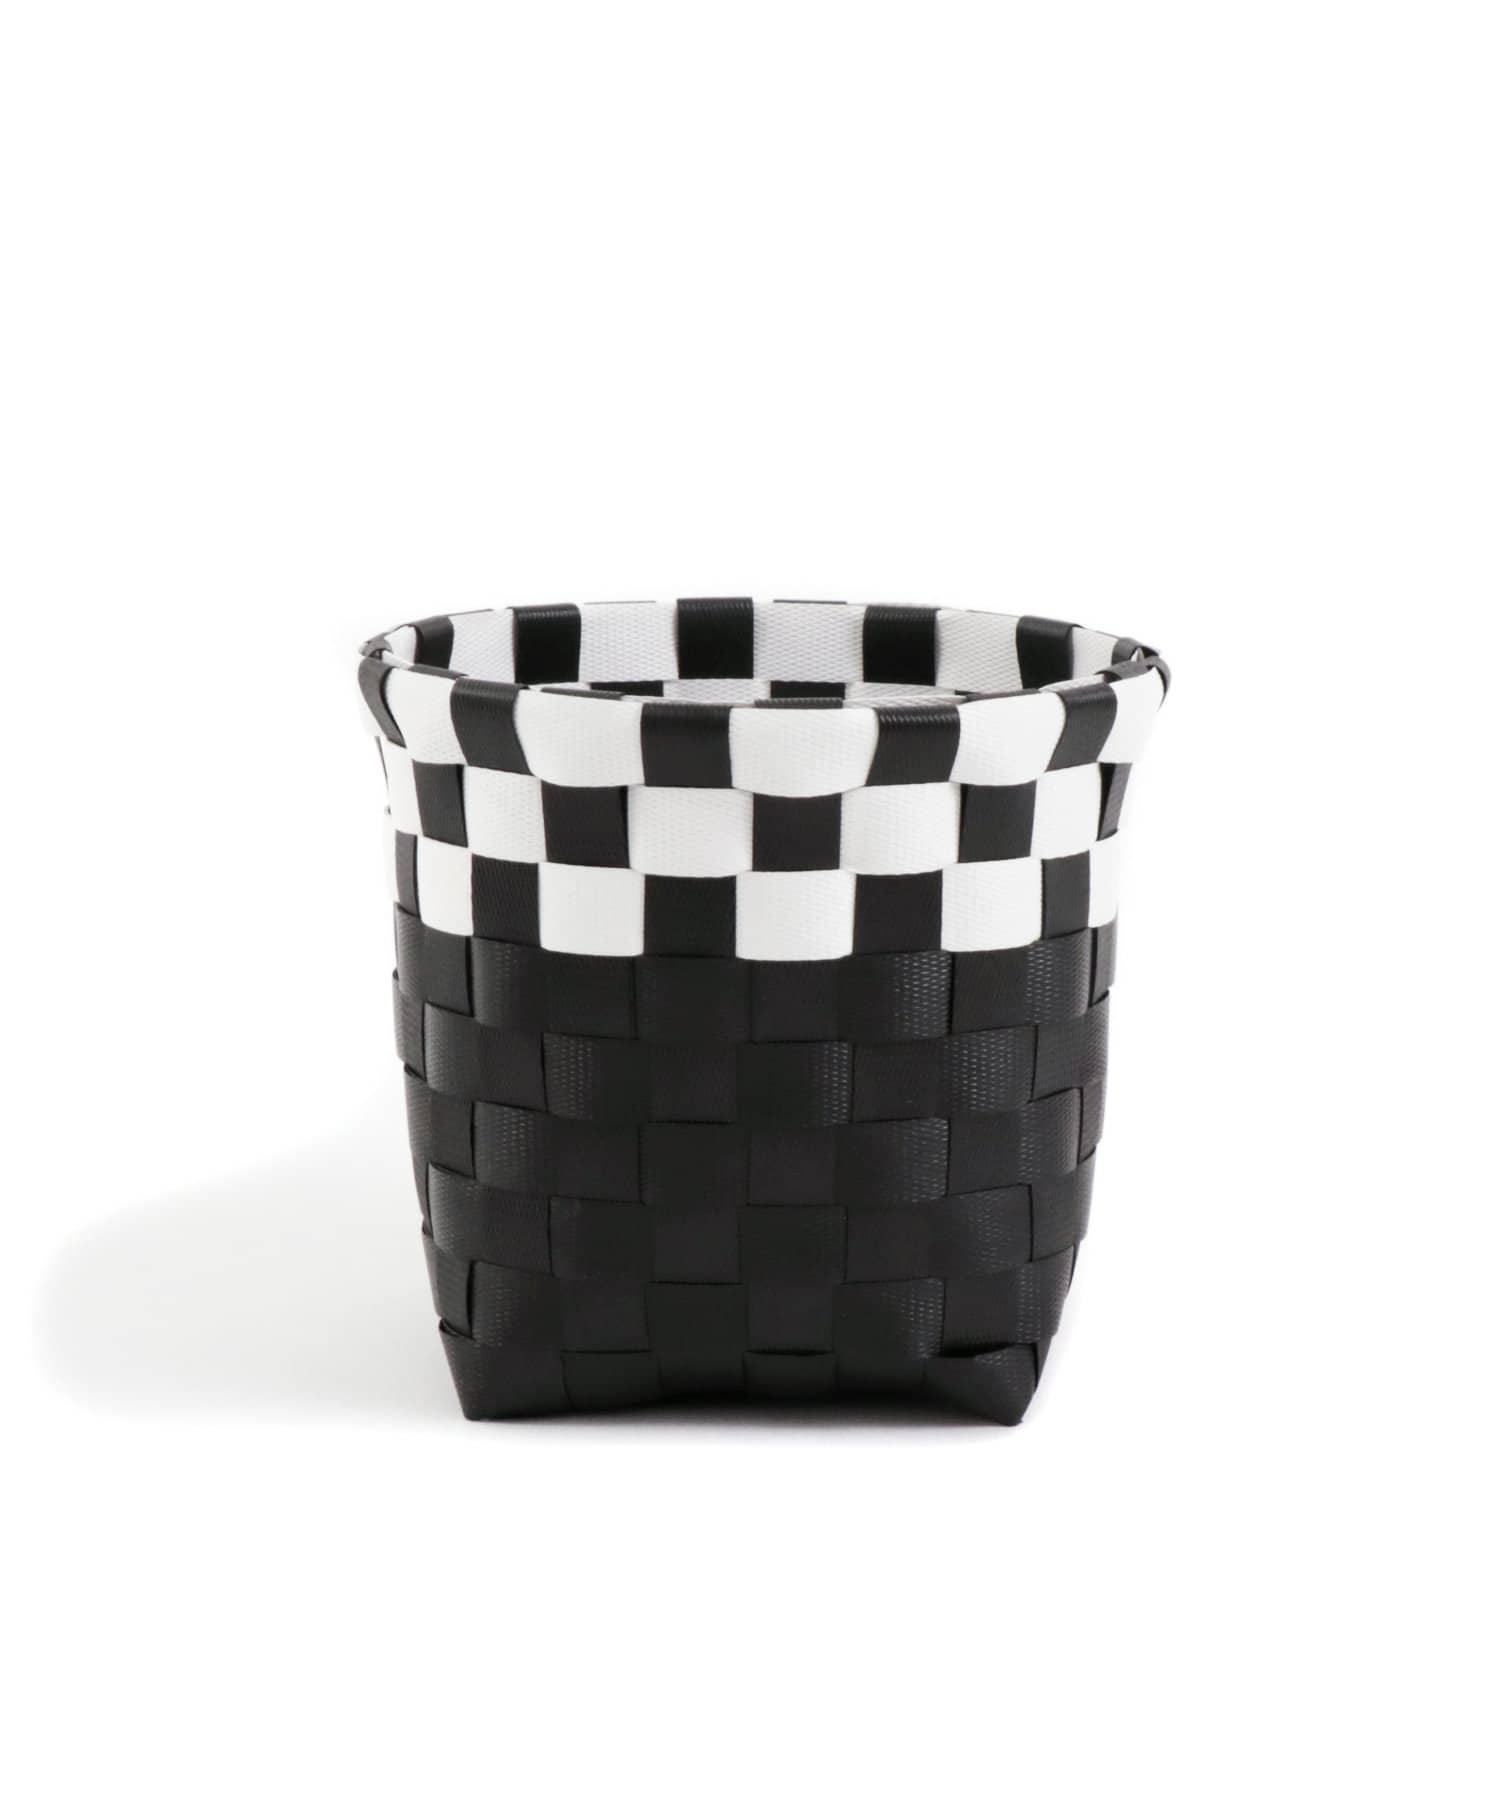 3COINS(スリーコインズ) ライフスタイル 【ASOKO】編み込みボックス(Mサイズ) ブラック